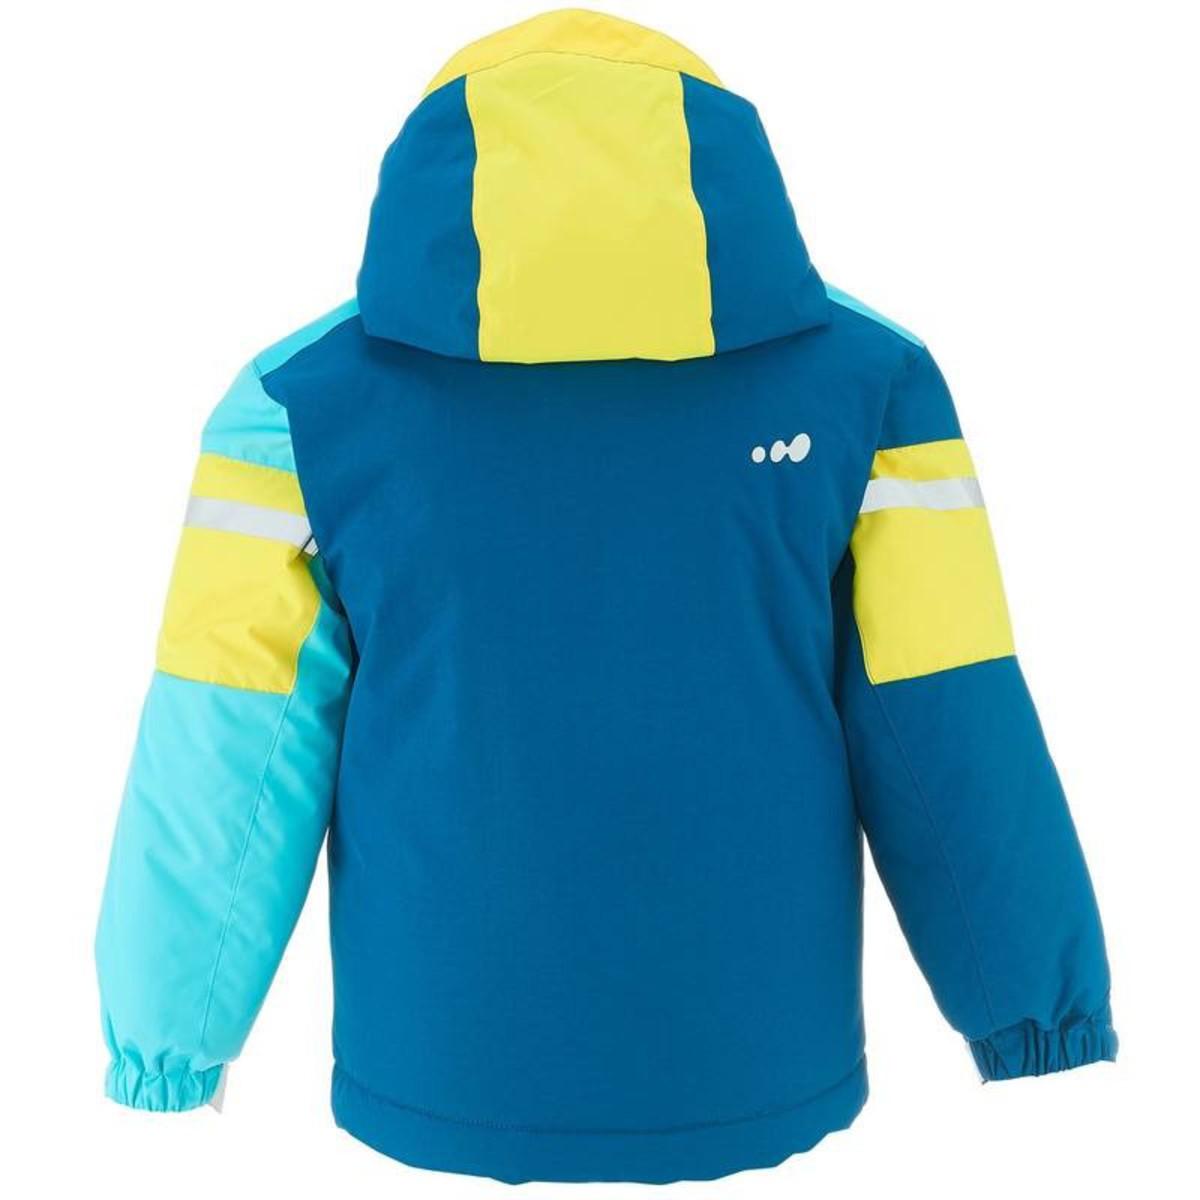 Bild 5 von WED´ZE Skijacke 300 Kinder blau/gelb, Größe: 3 J. - Gr. 95